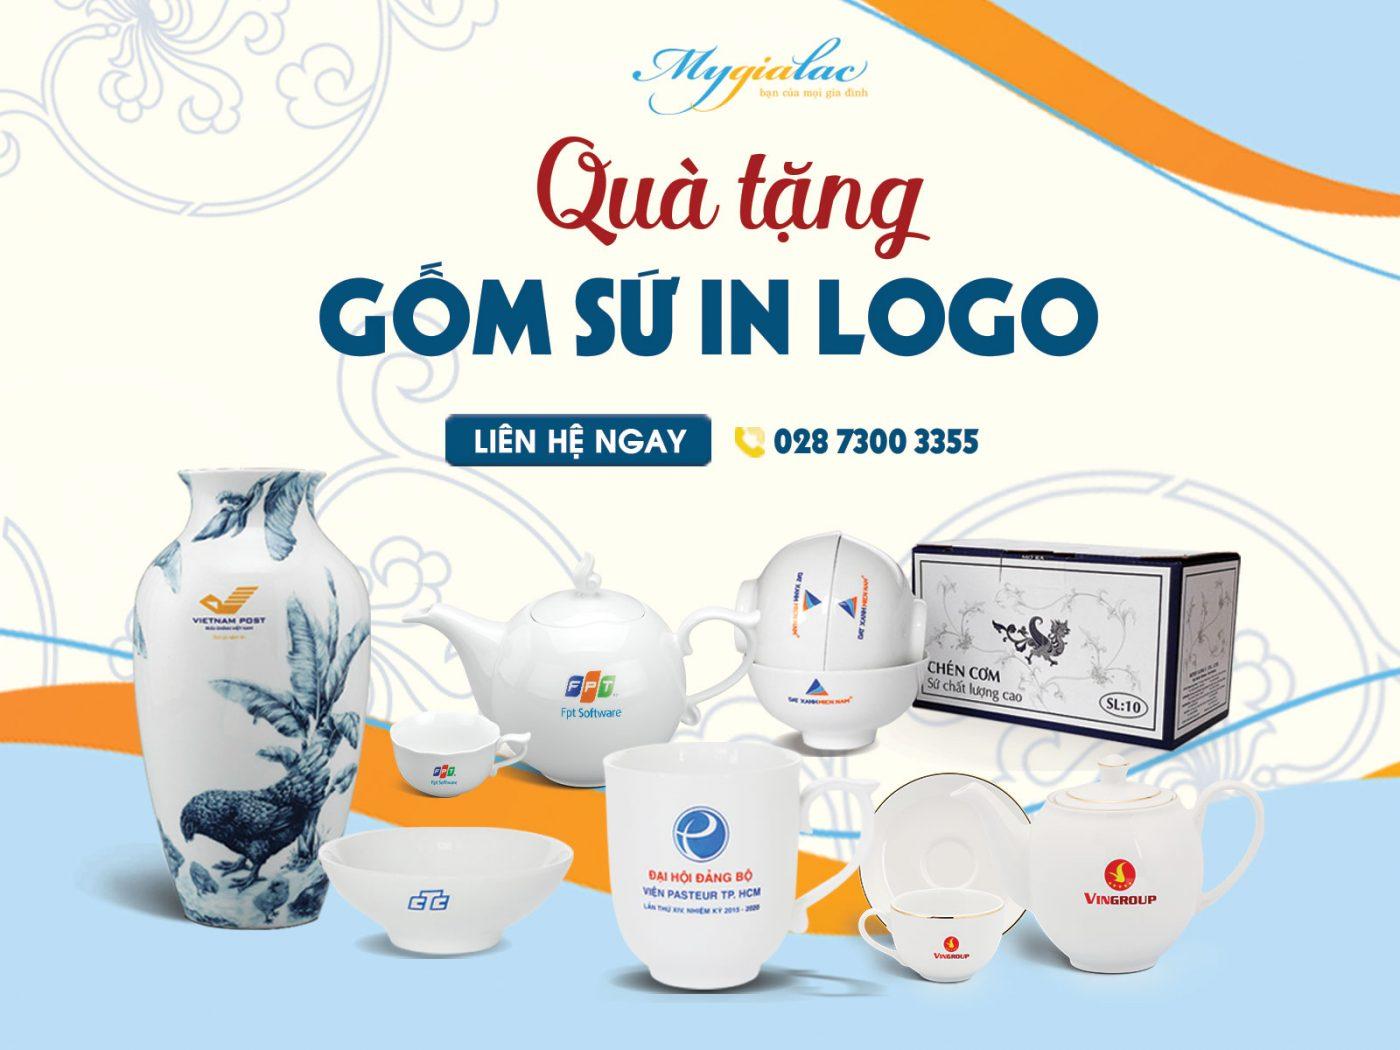 qua-tang-gom-su